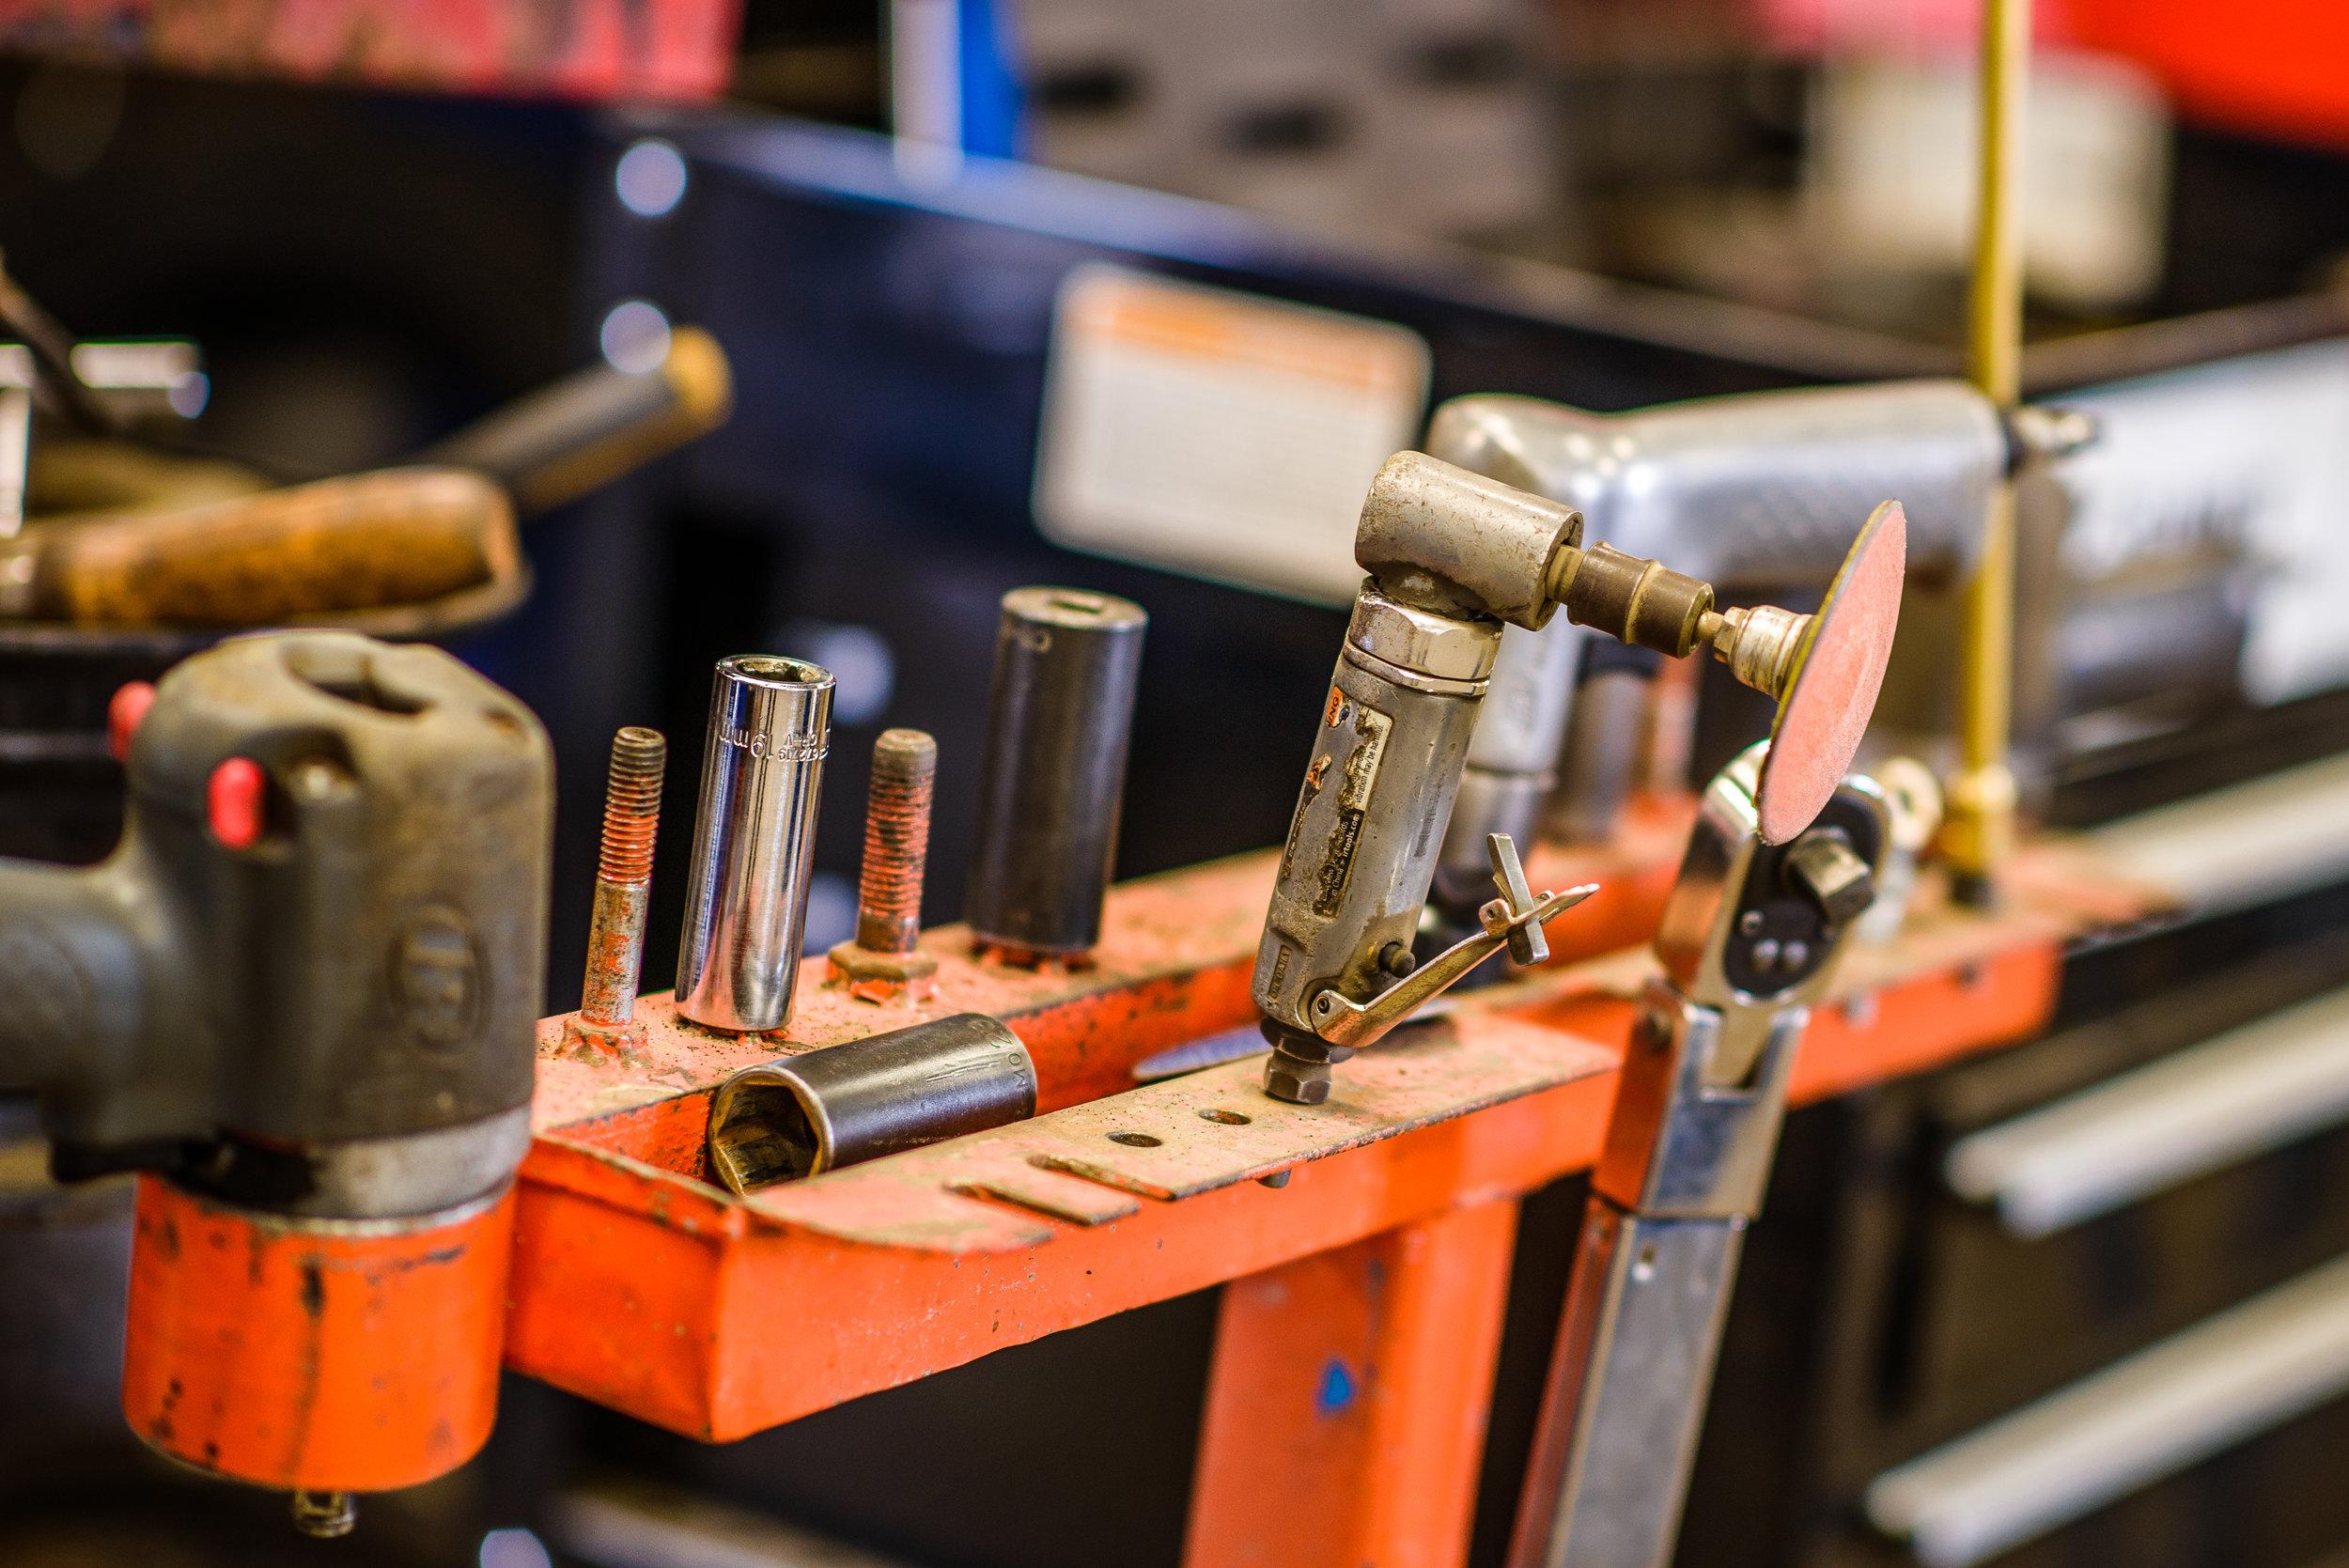 A Mechanic's Tools